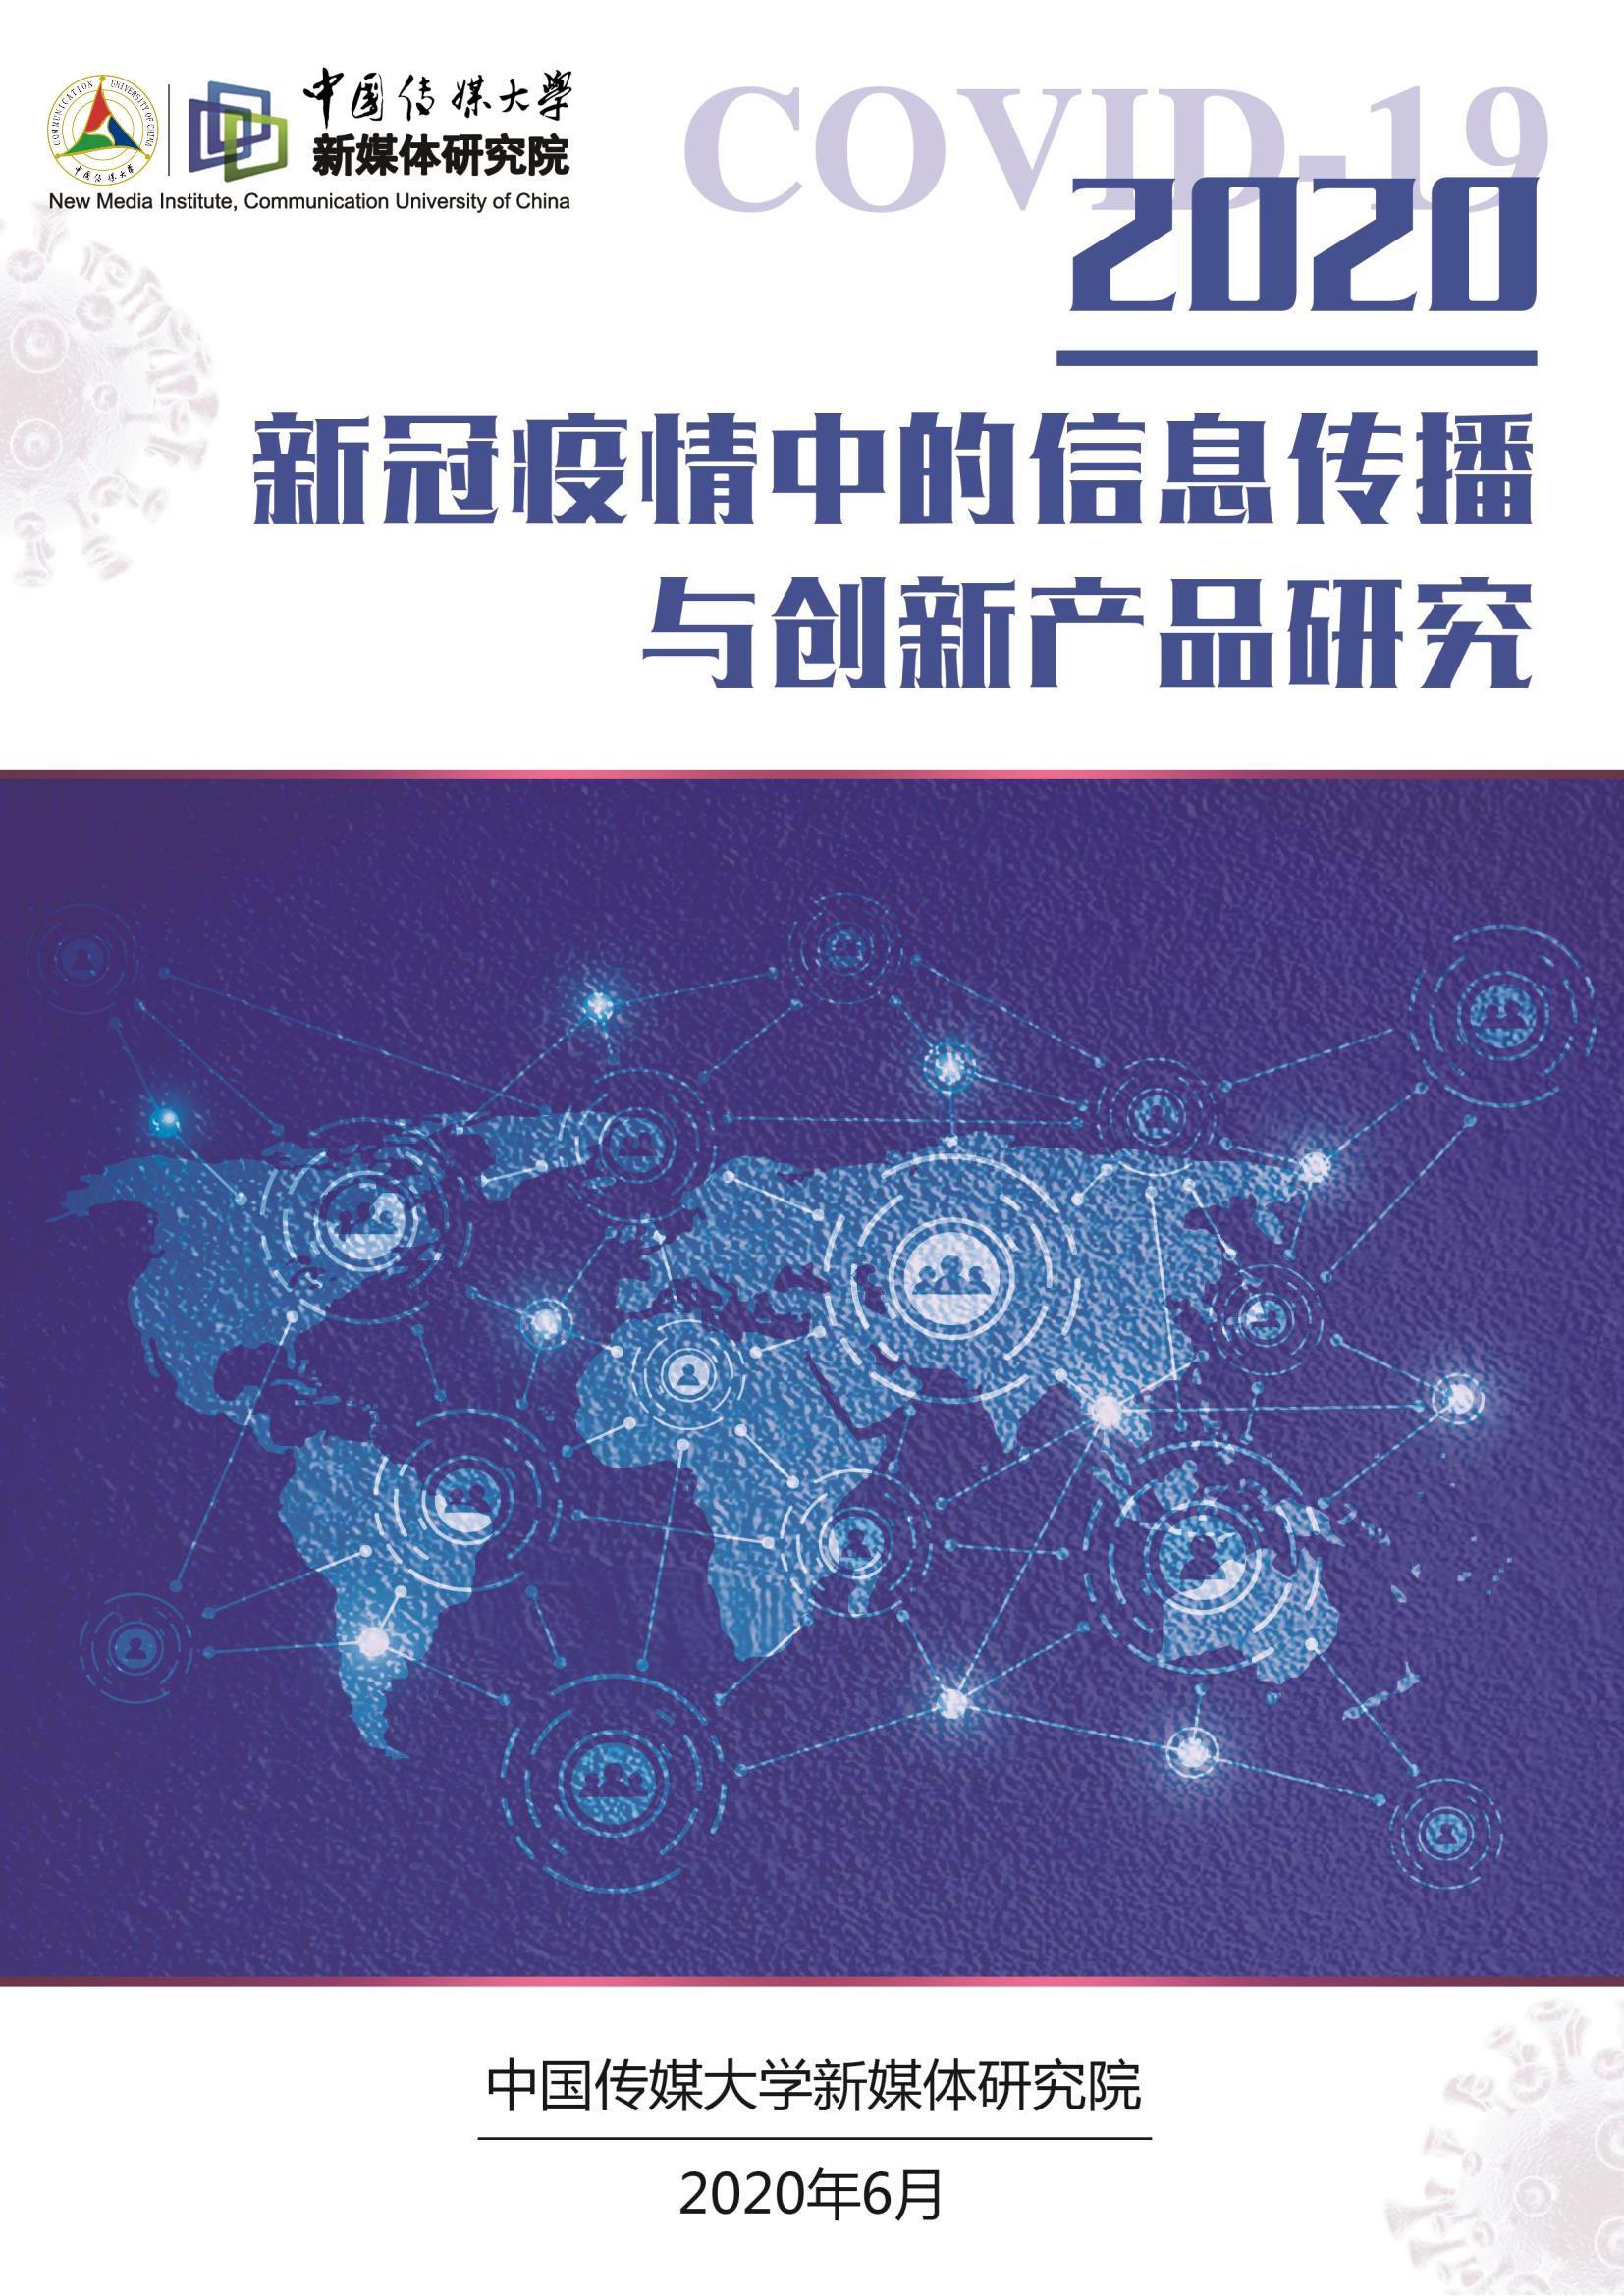 传媒大学:2020年新冠疫情中的信息传播与创新产品研究